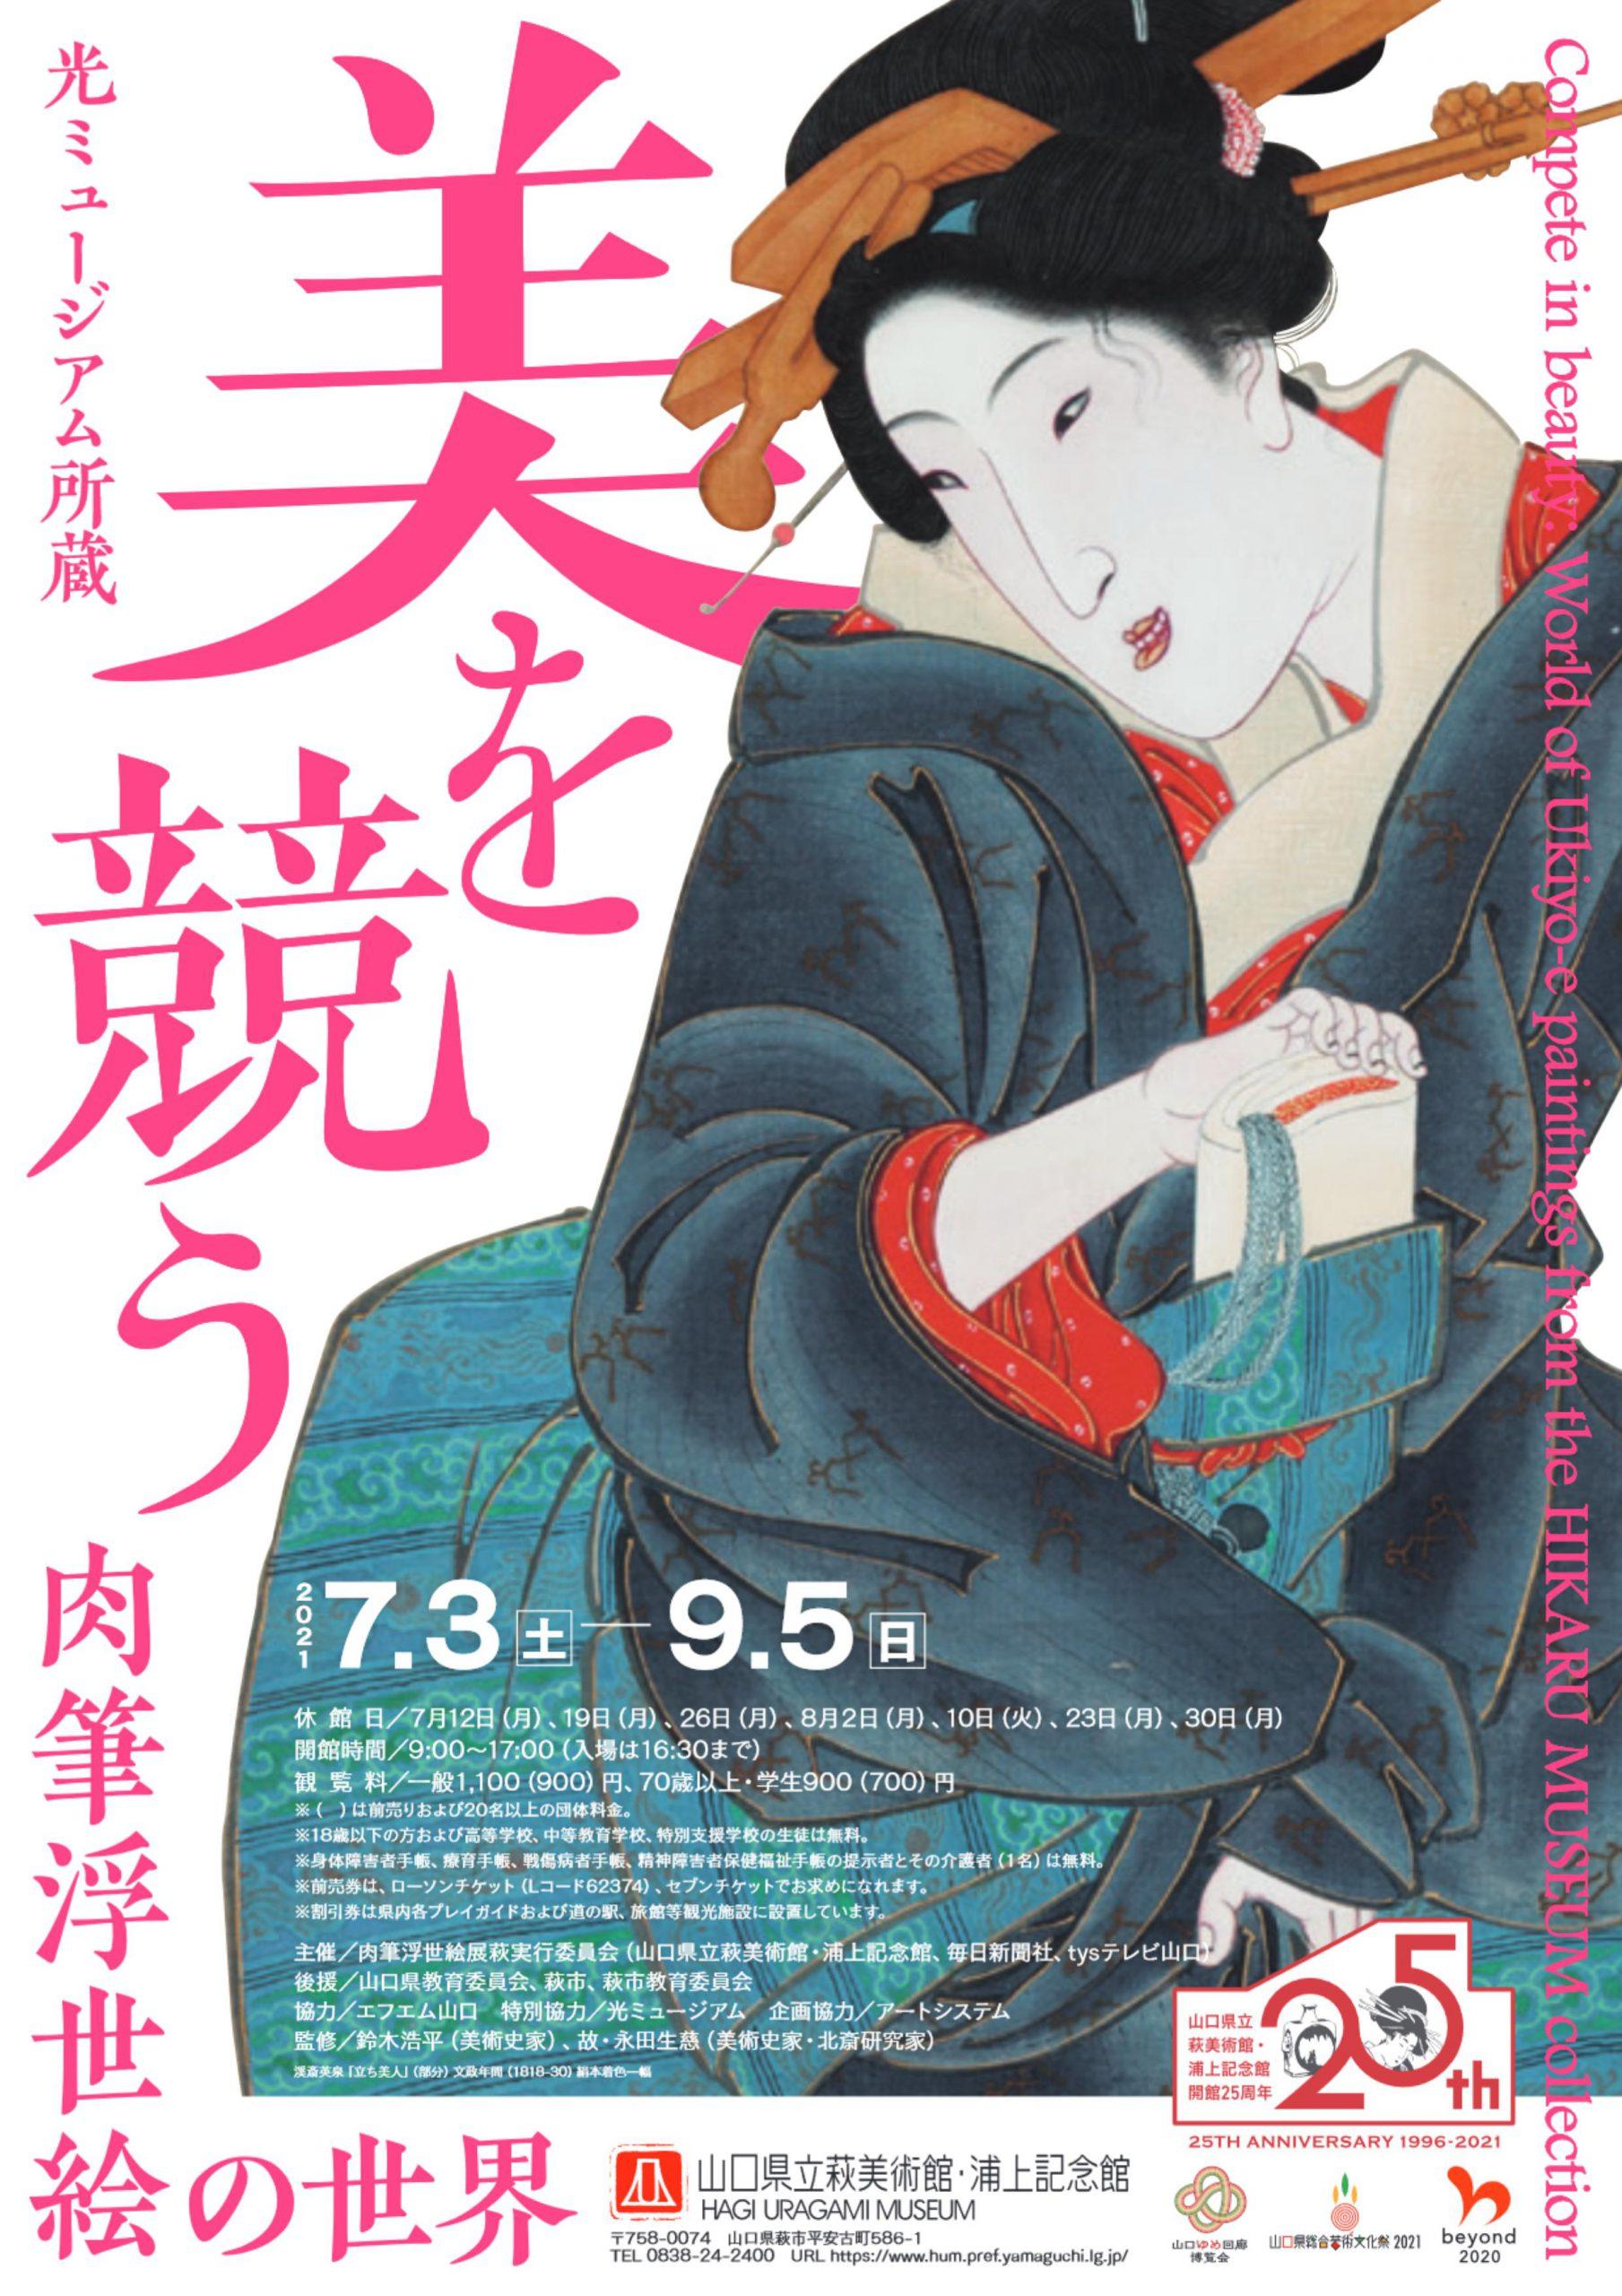 画像:【萩美術館】光ミュージアム所蔵 美を競う肉筆浮世絵の世界